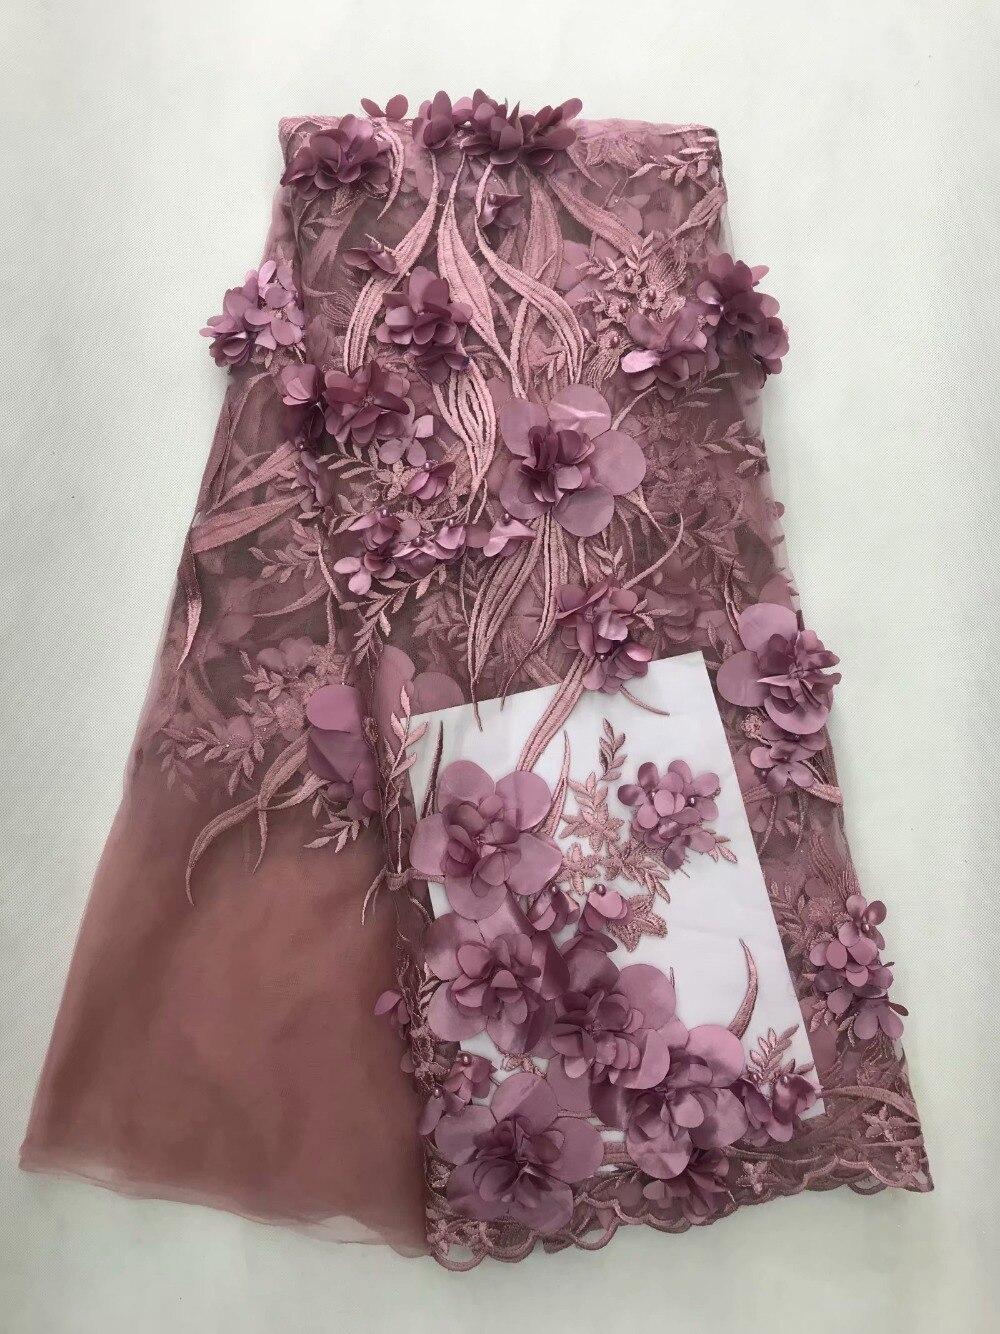 Caliente Rosa pani África tela de encaje fino alta calidad francés Rosa aplique 3D tela de encaje de tul con cuentas dubai royal apparel-in encaje from Hogar y Mascotas    1